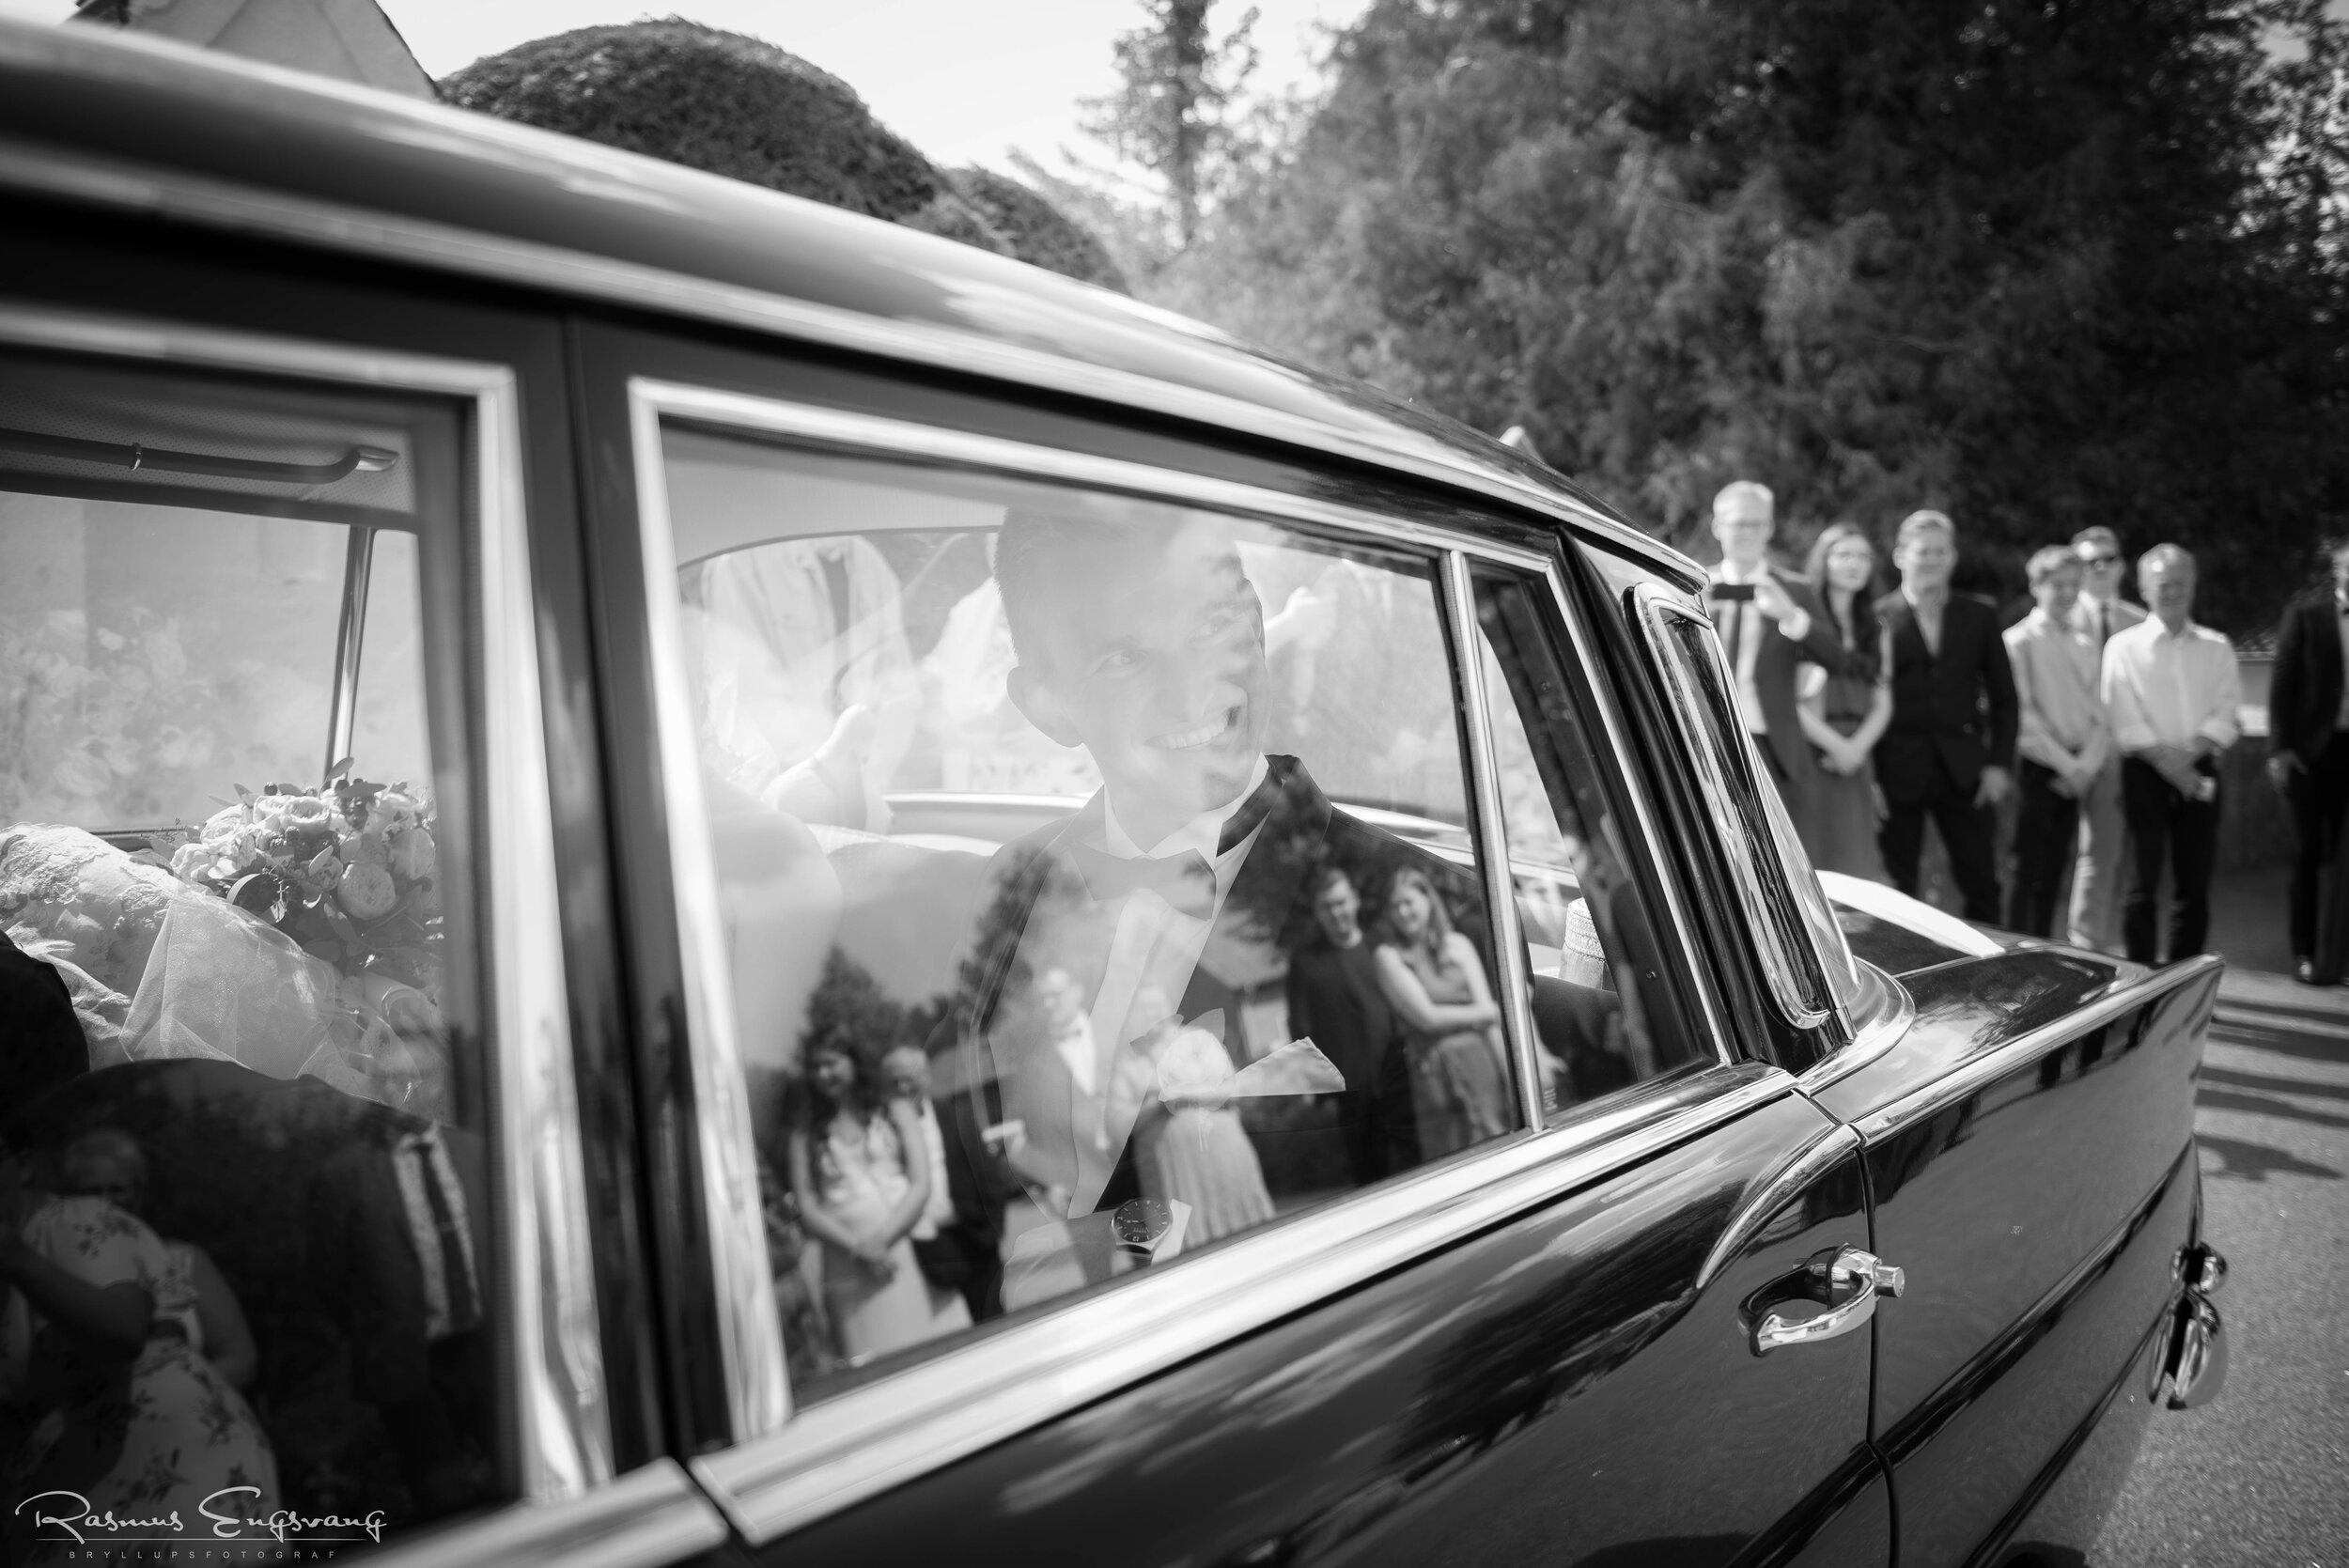 Bryllupsfotograf_Sjælland_Humleorehus_Vigersted-118.jpg